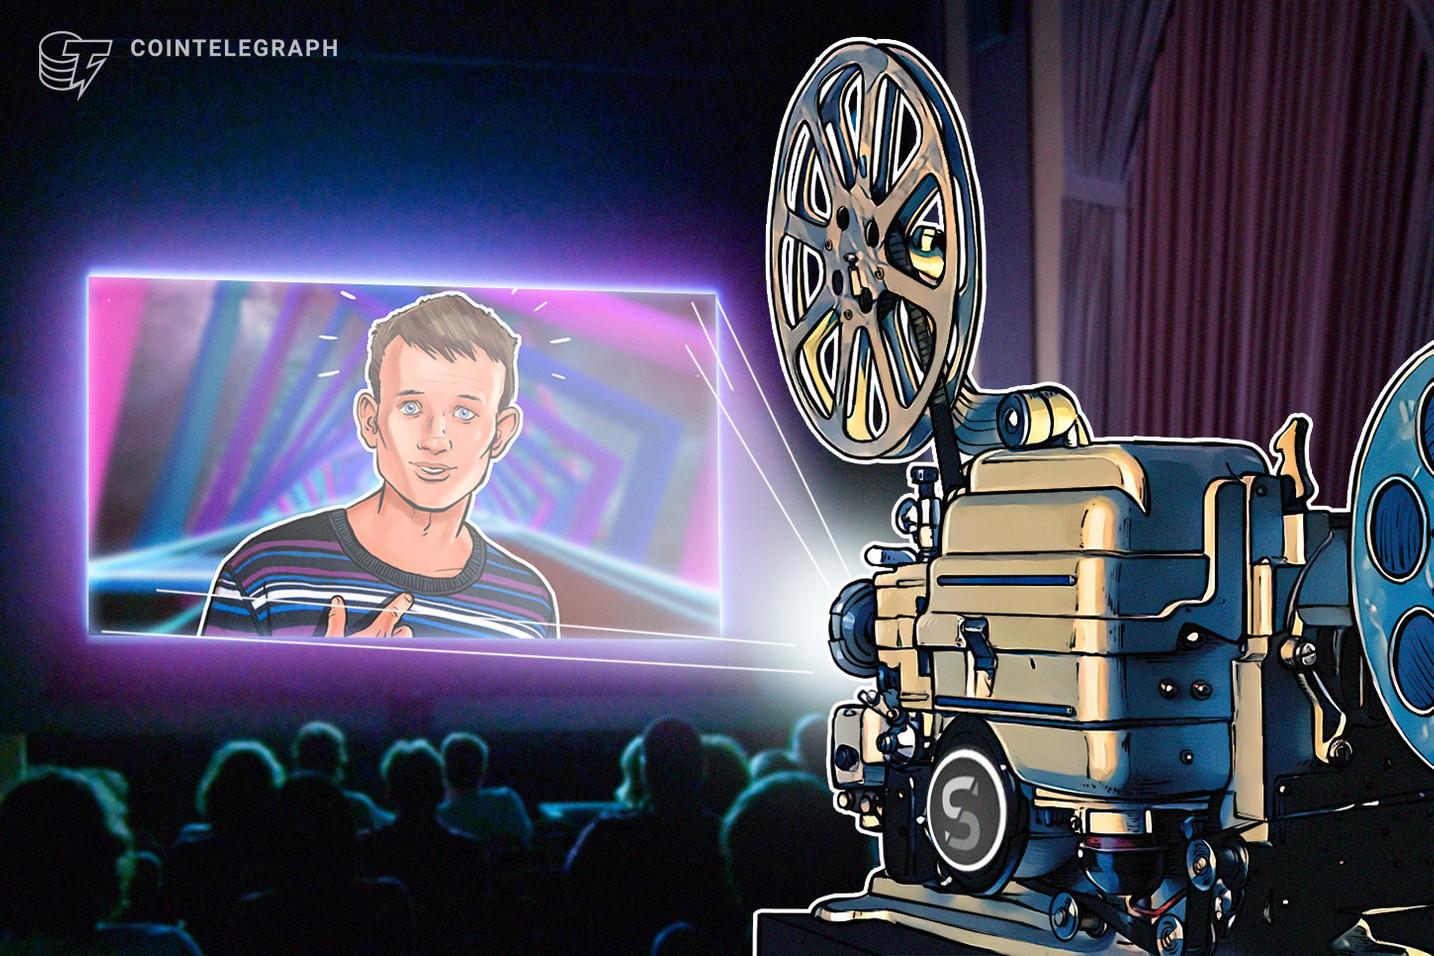 Το ντοκιμαντέρ Ethereum με τον Vitalik Buterin συγκεντρώνει 1.9 εκατομμύρια δολάρια σε 3 ημέρες